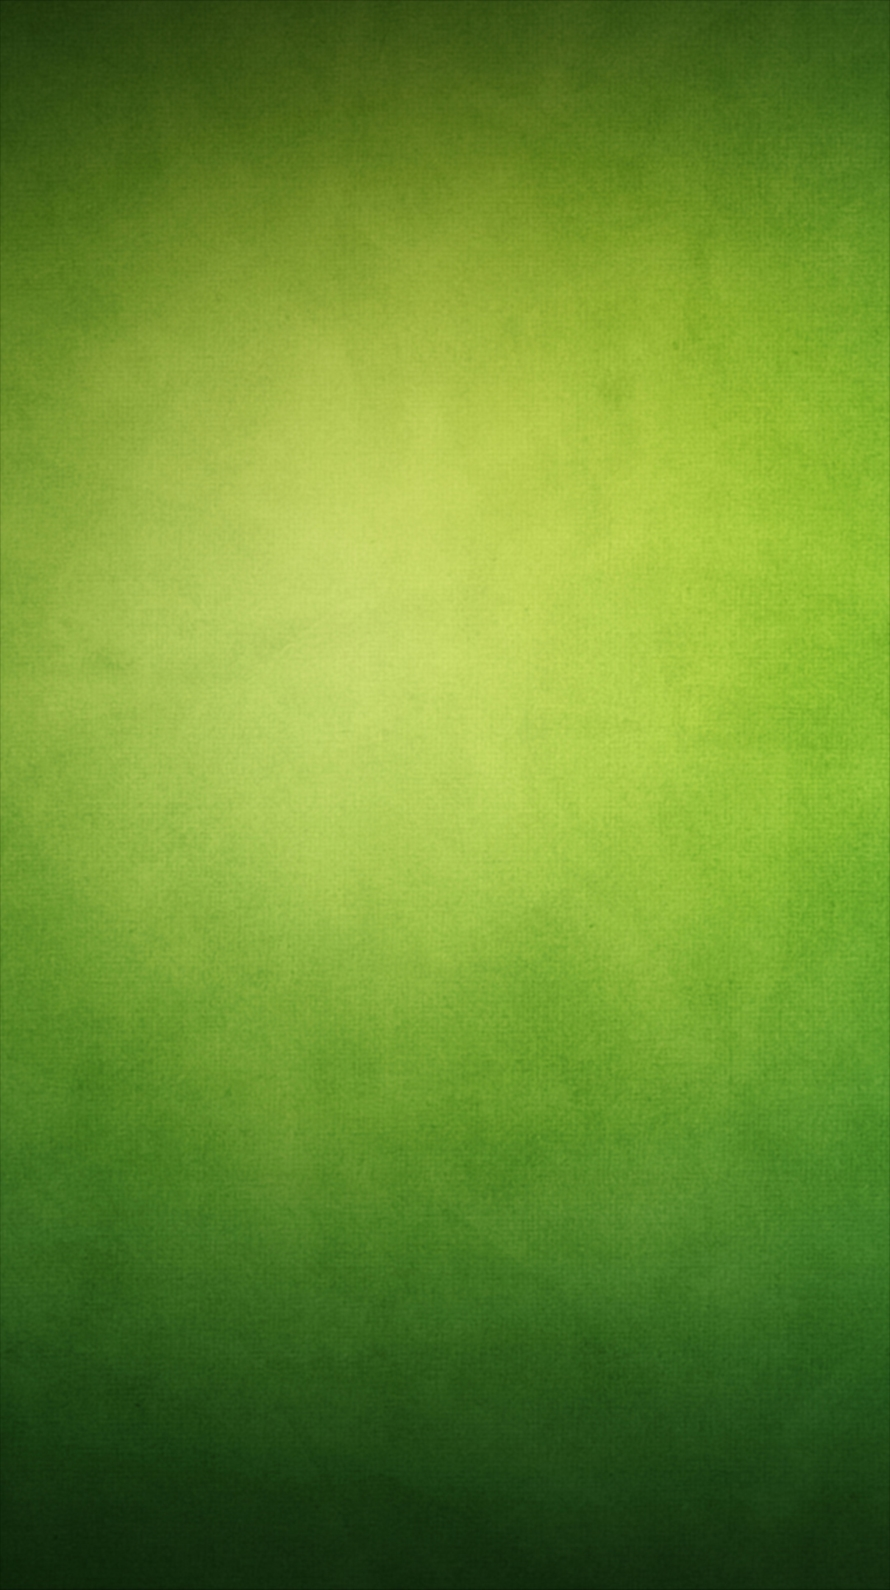 濃淡のある緑のパターン iPhone6壁紙